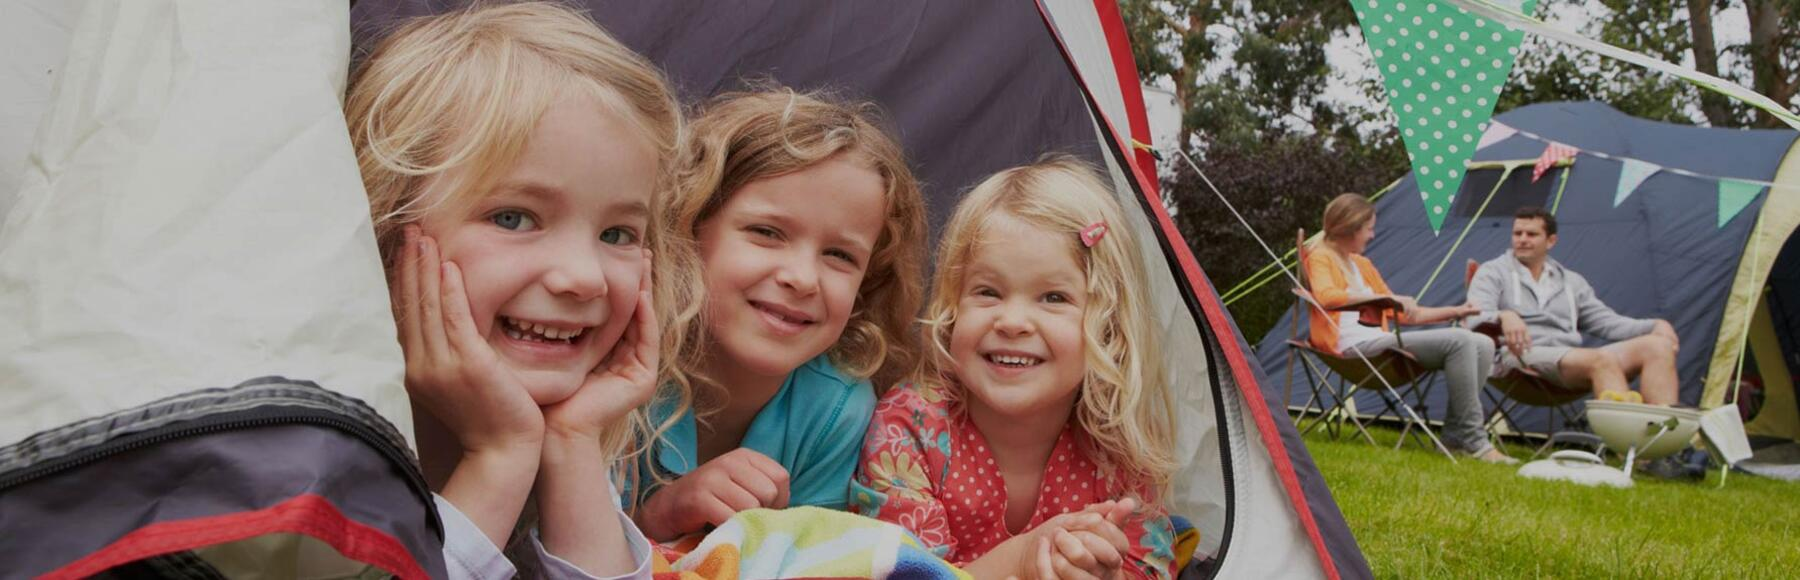 elbadoc-campingvillage it campeggio 006